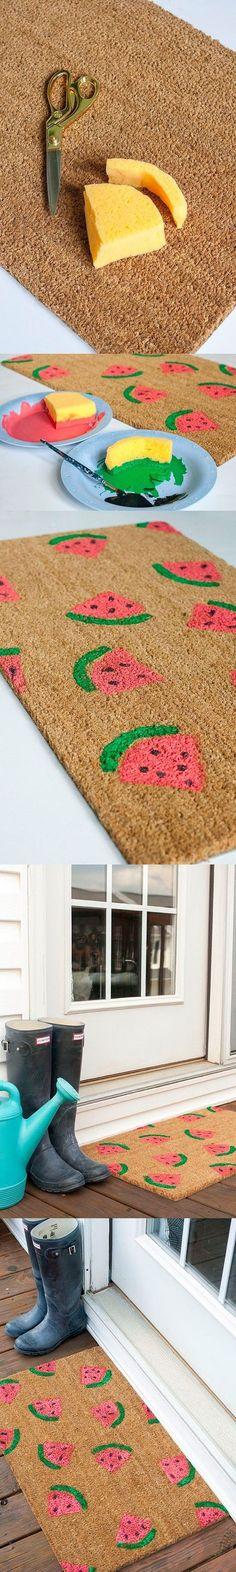 Felpudo con estampado DIY - ehow.com - DIY Stamped Watermelon Doormat